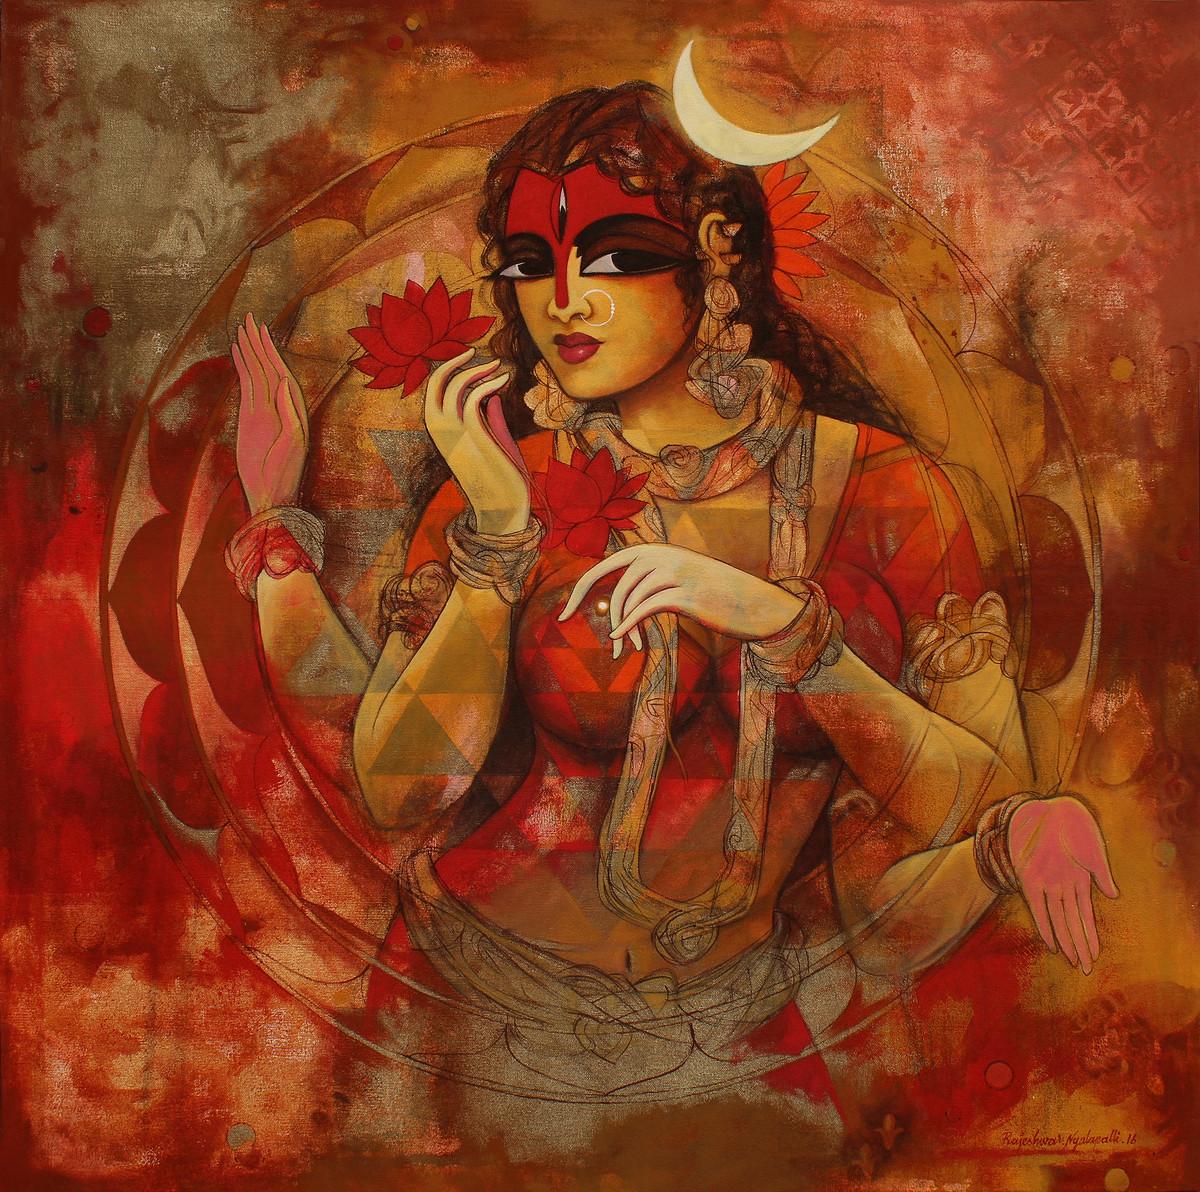 woman with srichakra 1 by artist rajeshwar nyalapalli decorative